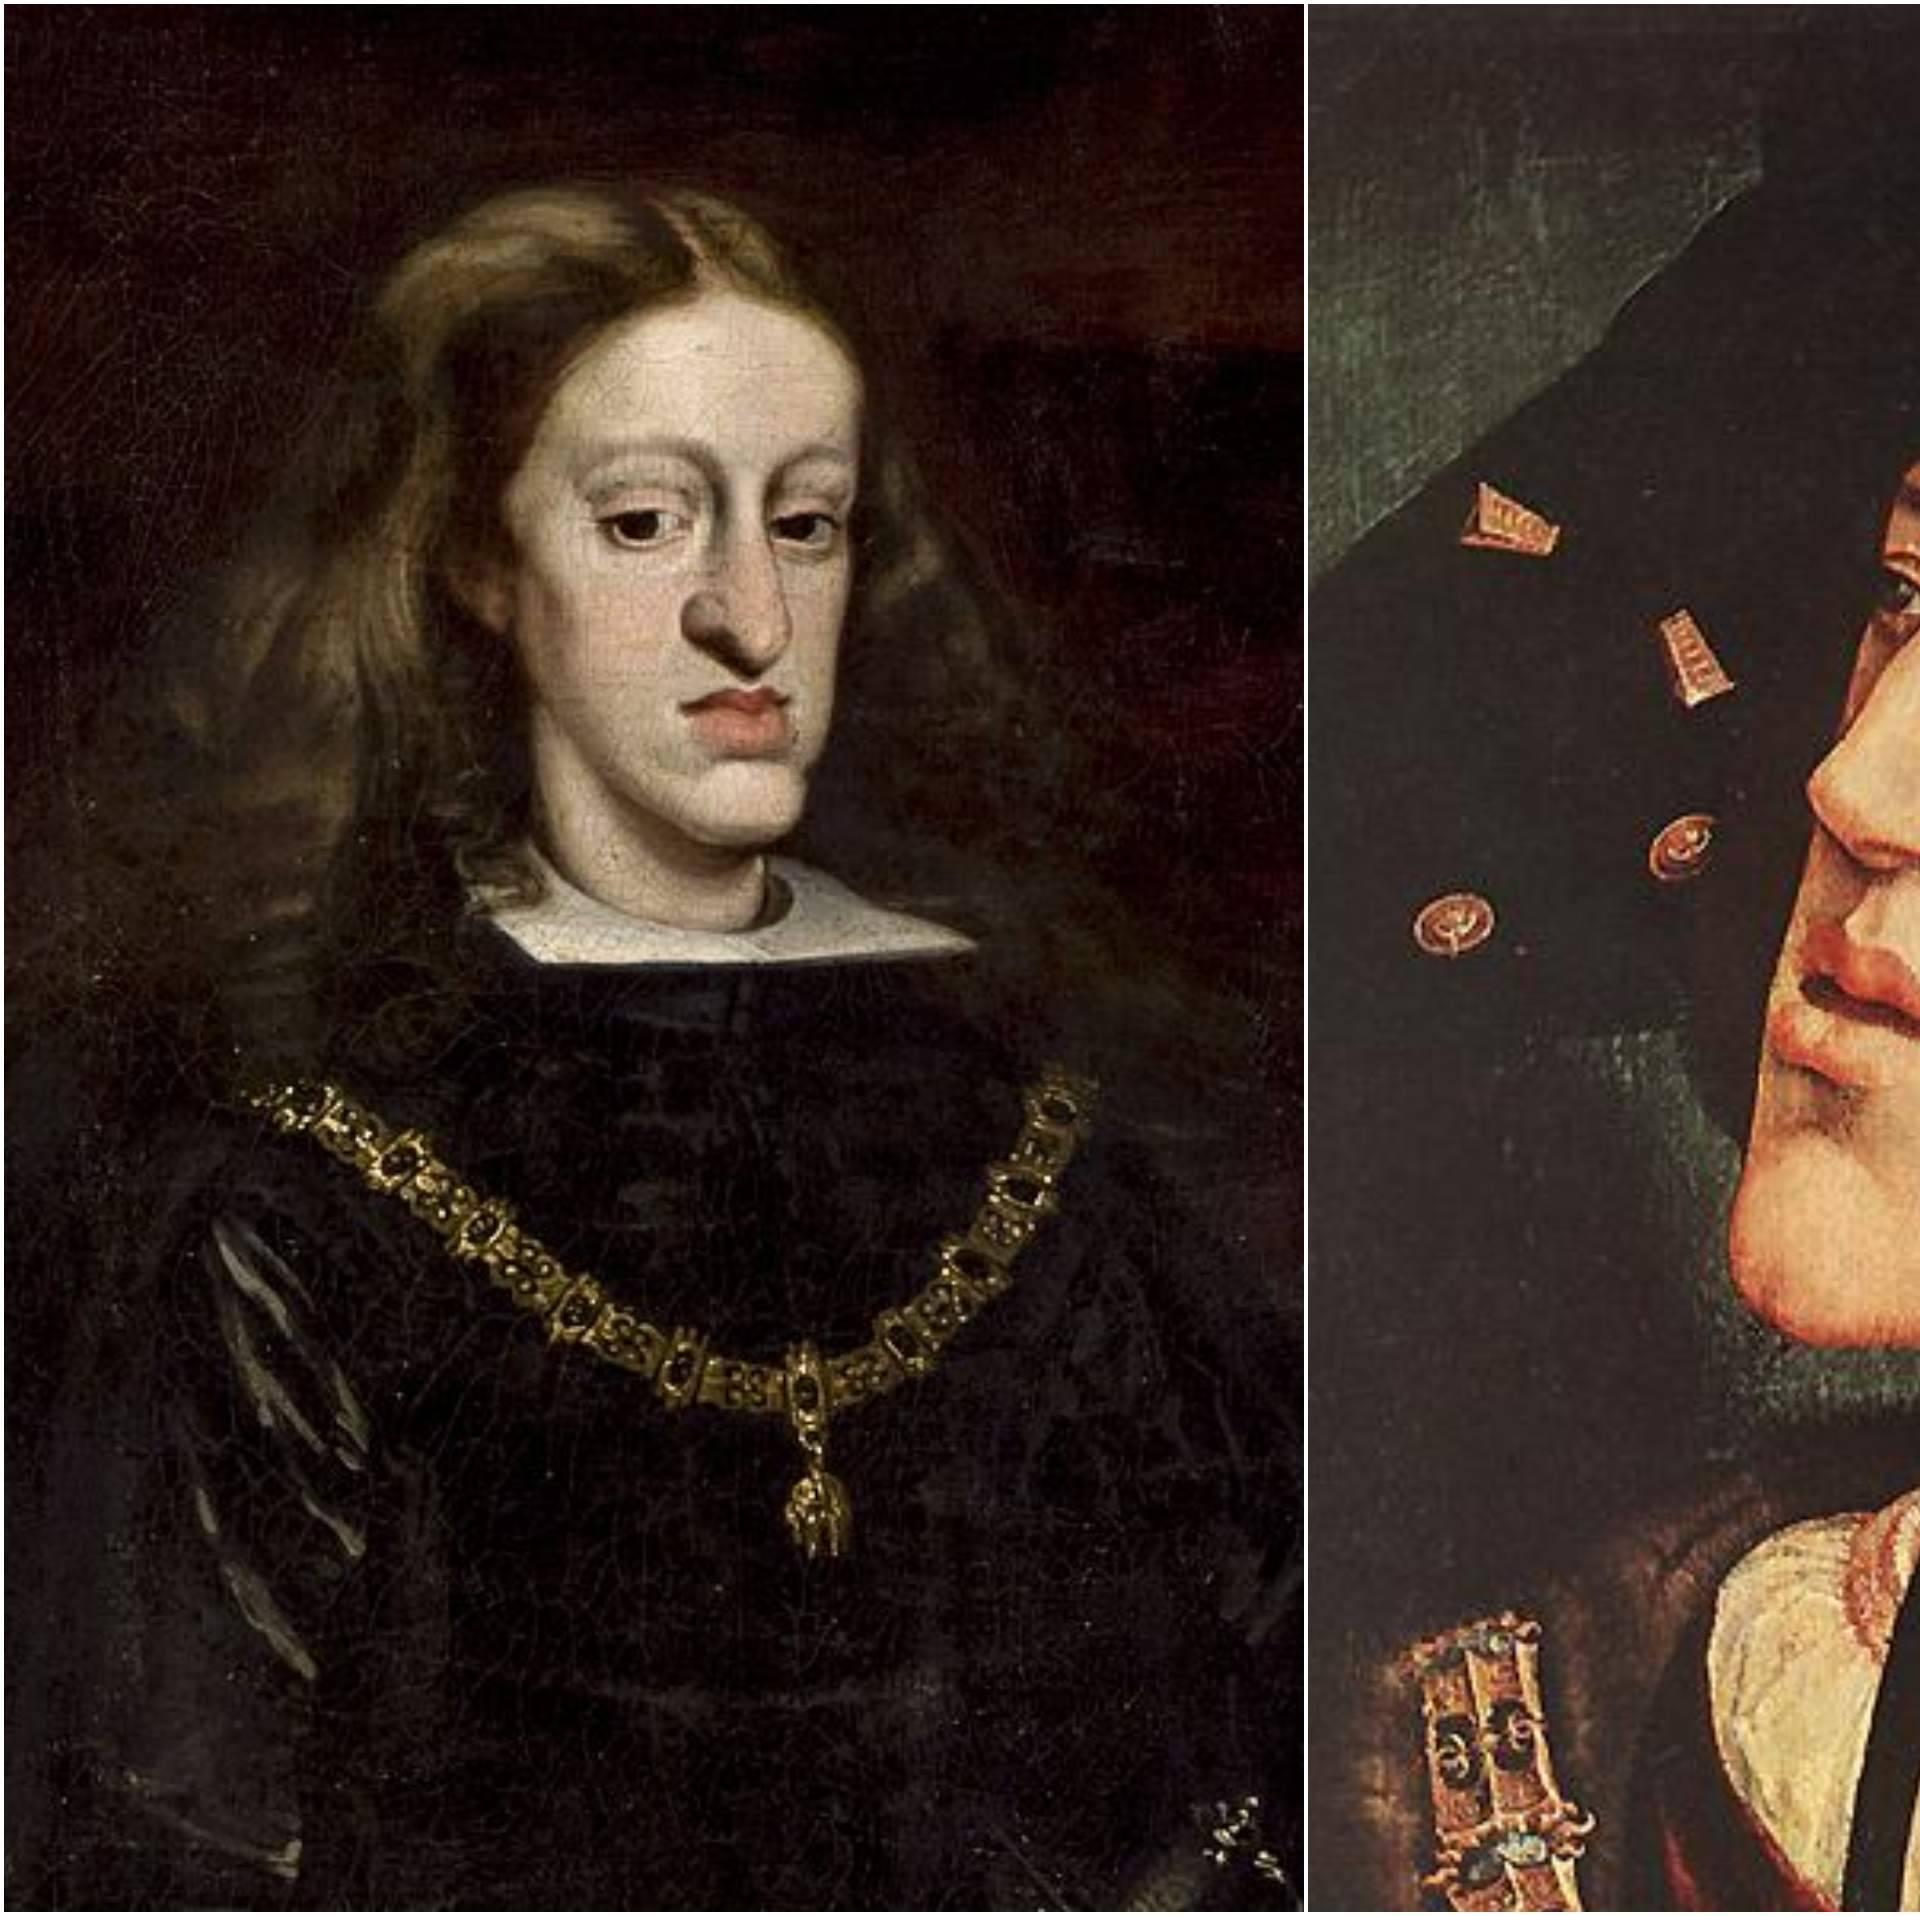 Habsburgovci su imali isturenu donju čeljust, razlog je - incest